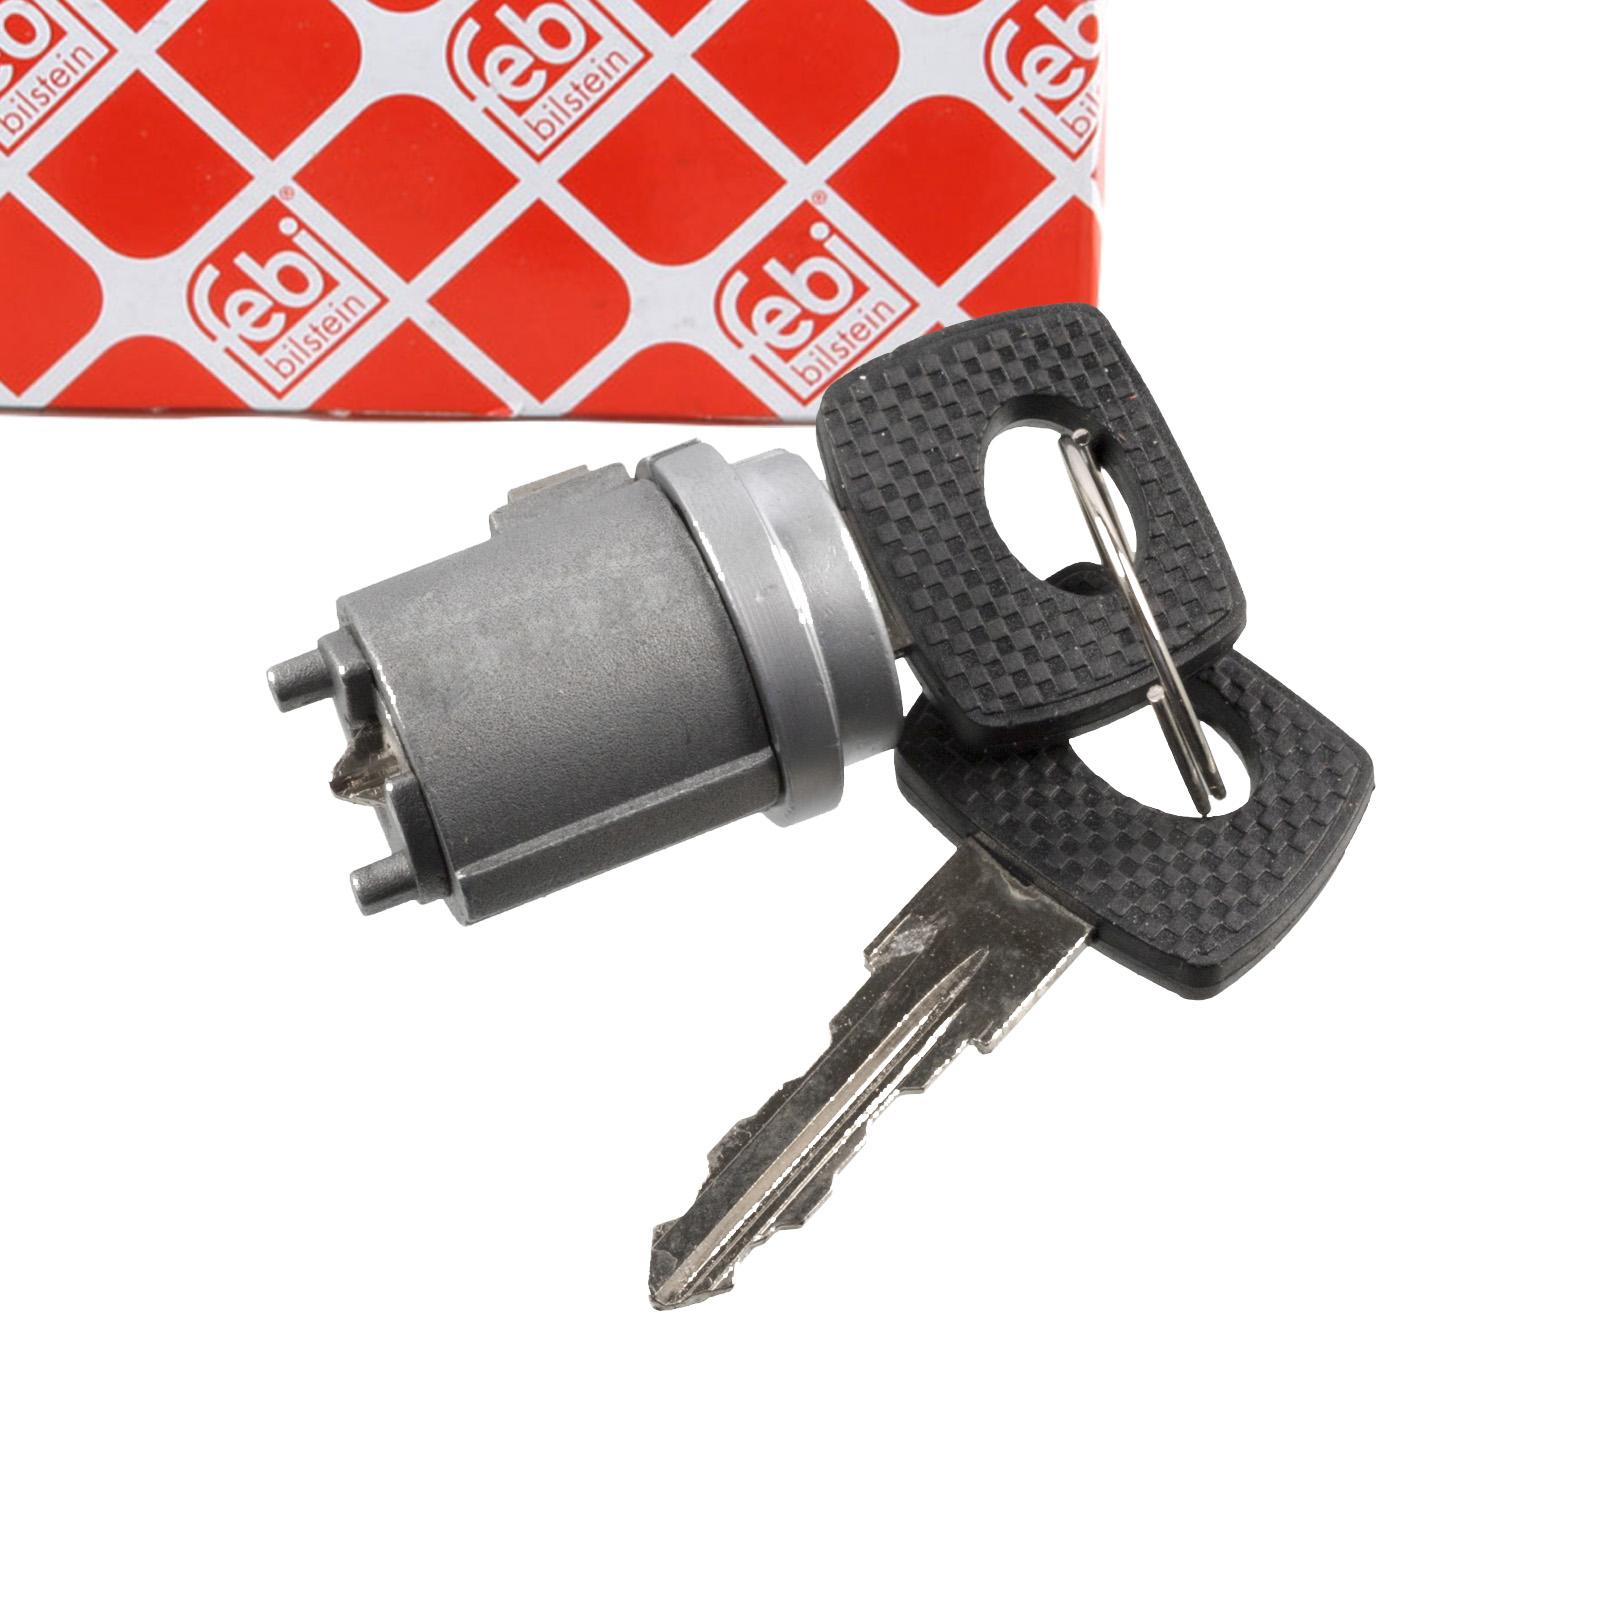 FEBI 17760 Zündschloss + 2 Schlüssel MERCEDES W123 W126 R107 1234620479